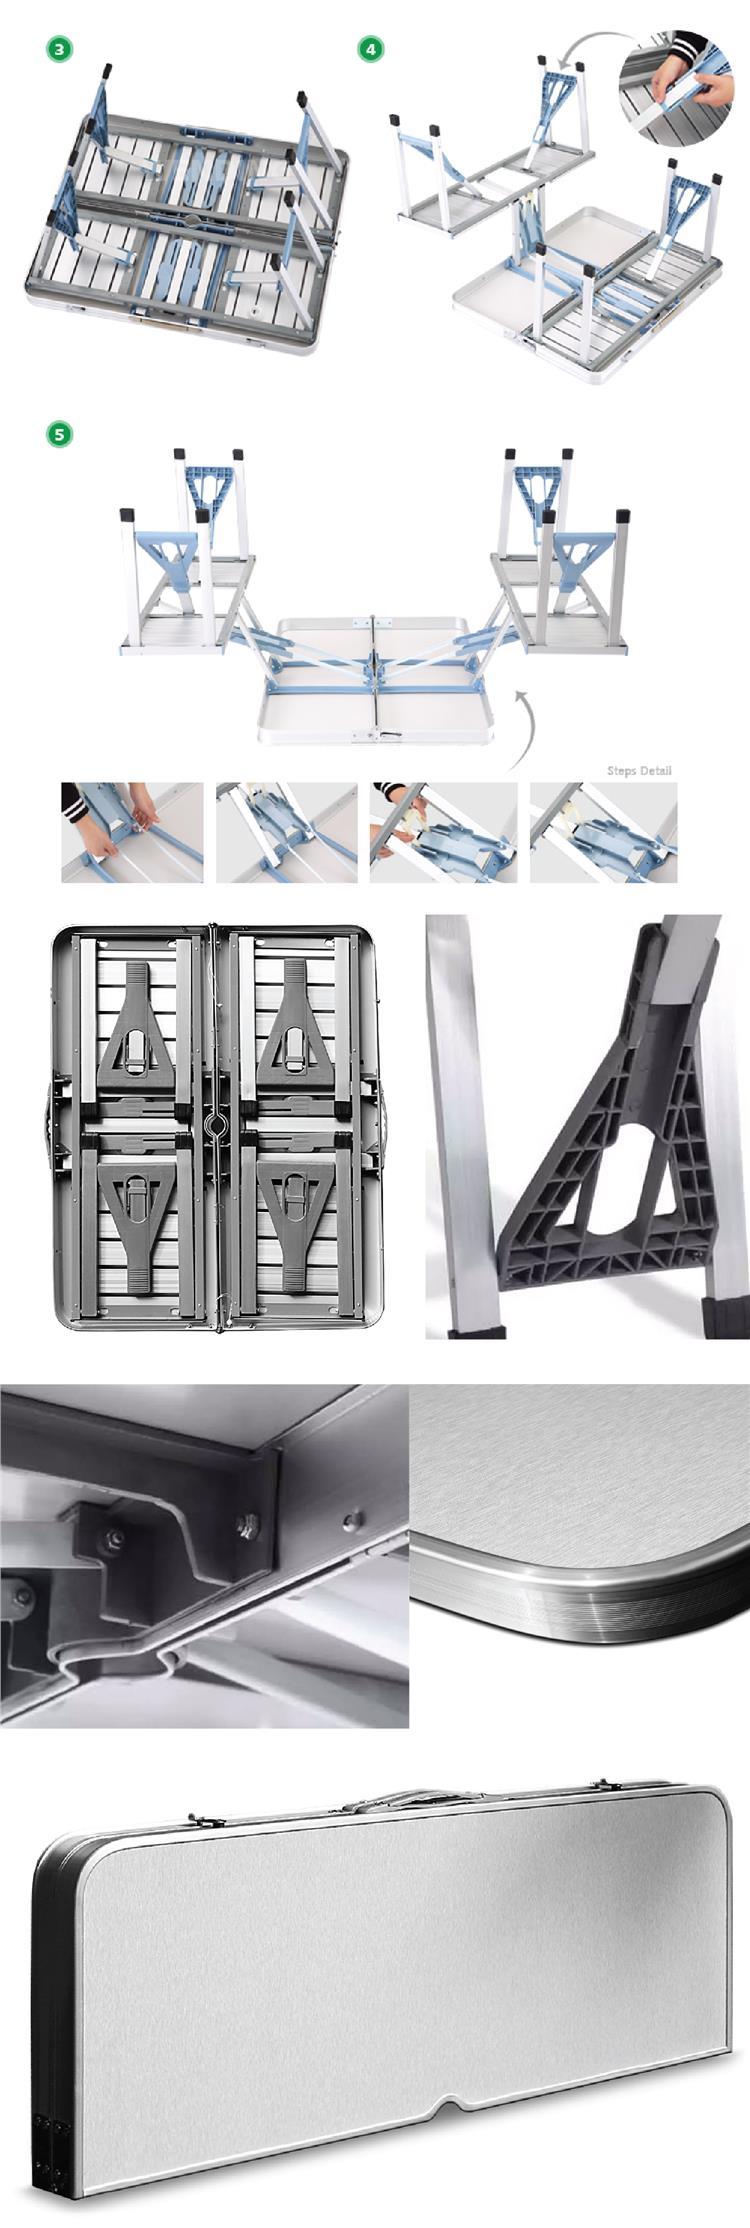 Aluminium Suitcase Camping Picnic Fo End 5 16 2020 9 15 Am